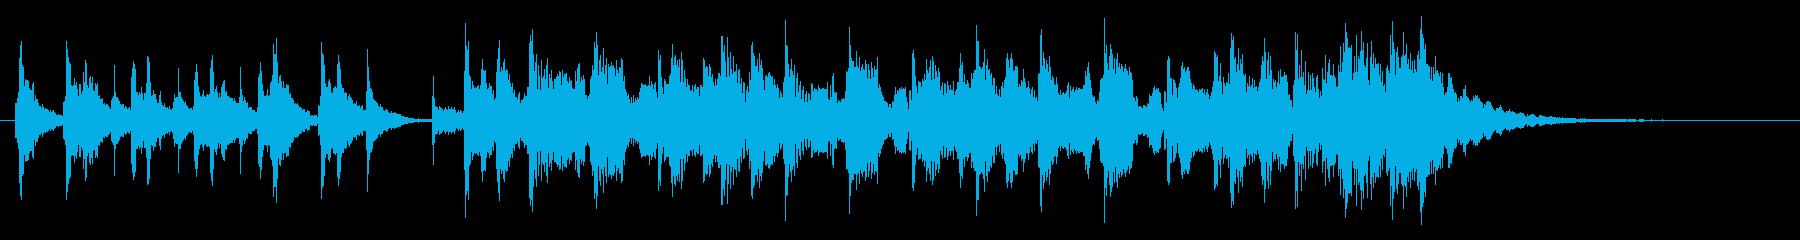 【15秒ver】ハーモニカの明るいオープの再生済みの波形